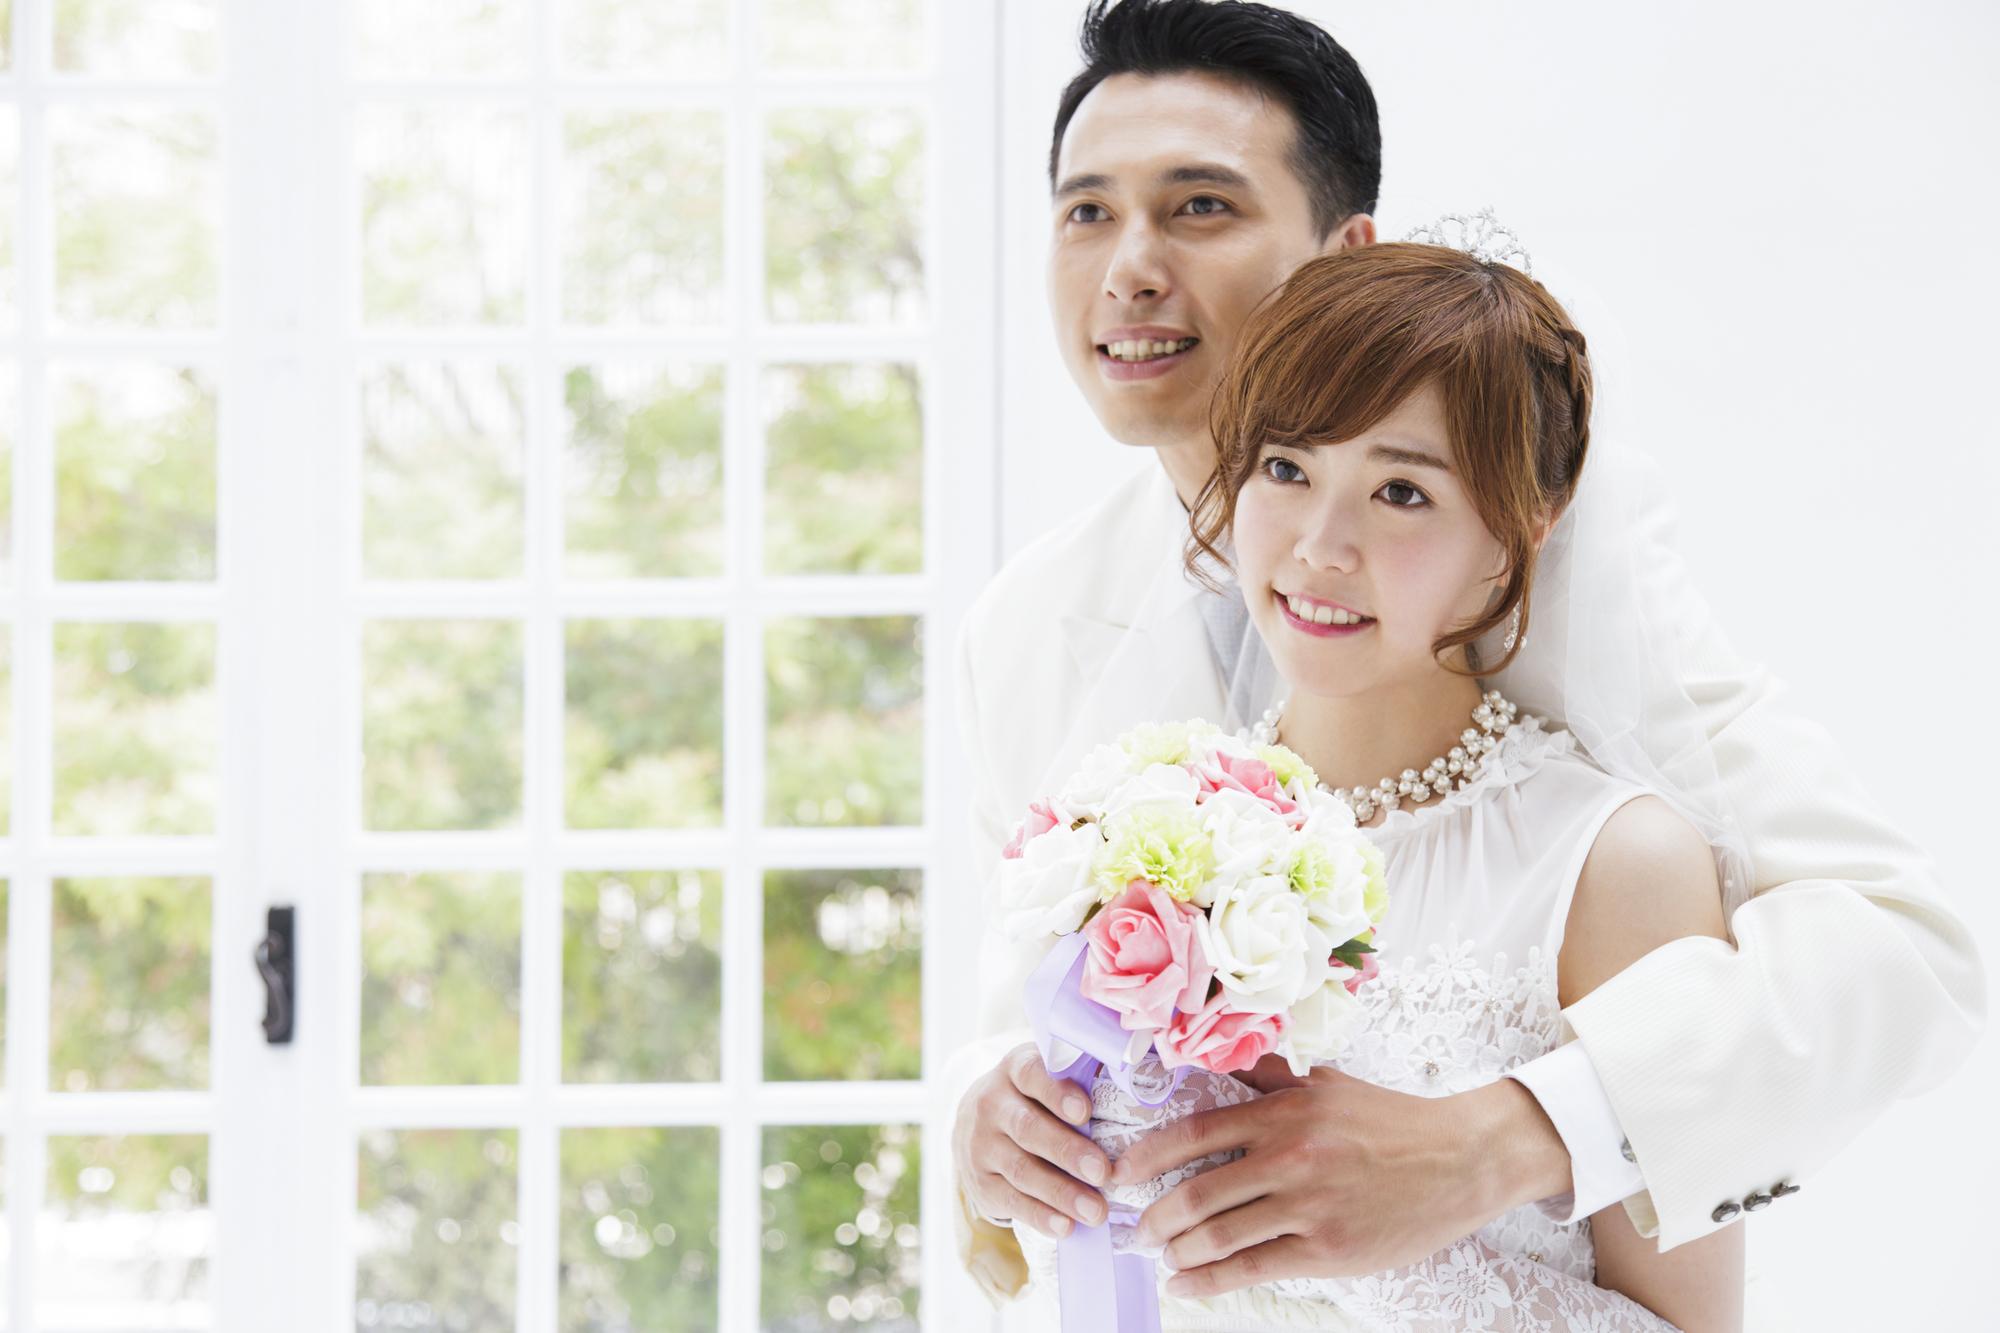 結婚より大切なものがある?結婚してくれない彼氏と結婚するには